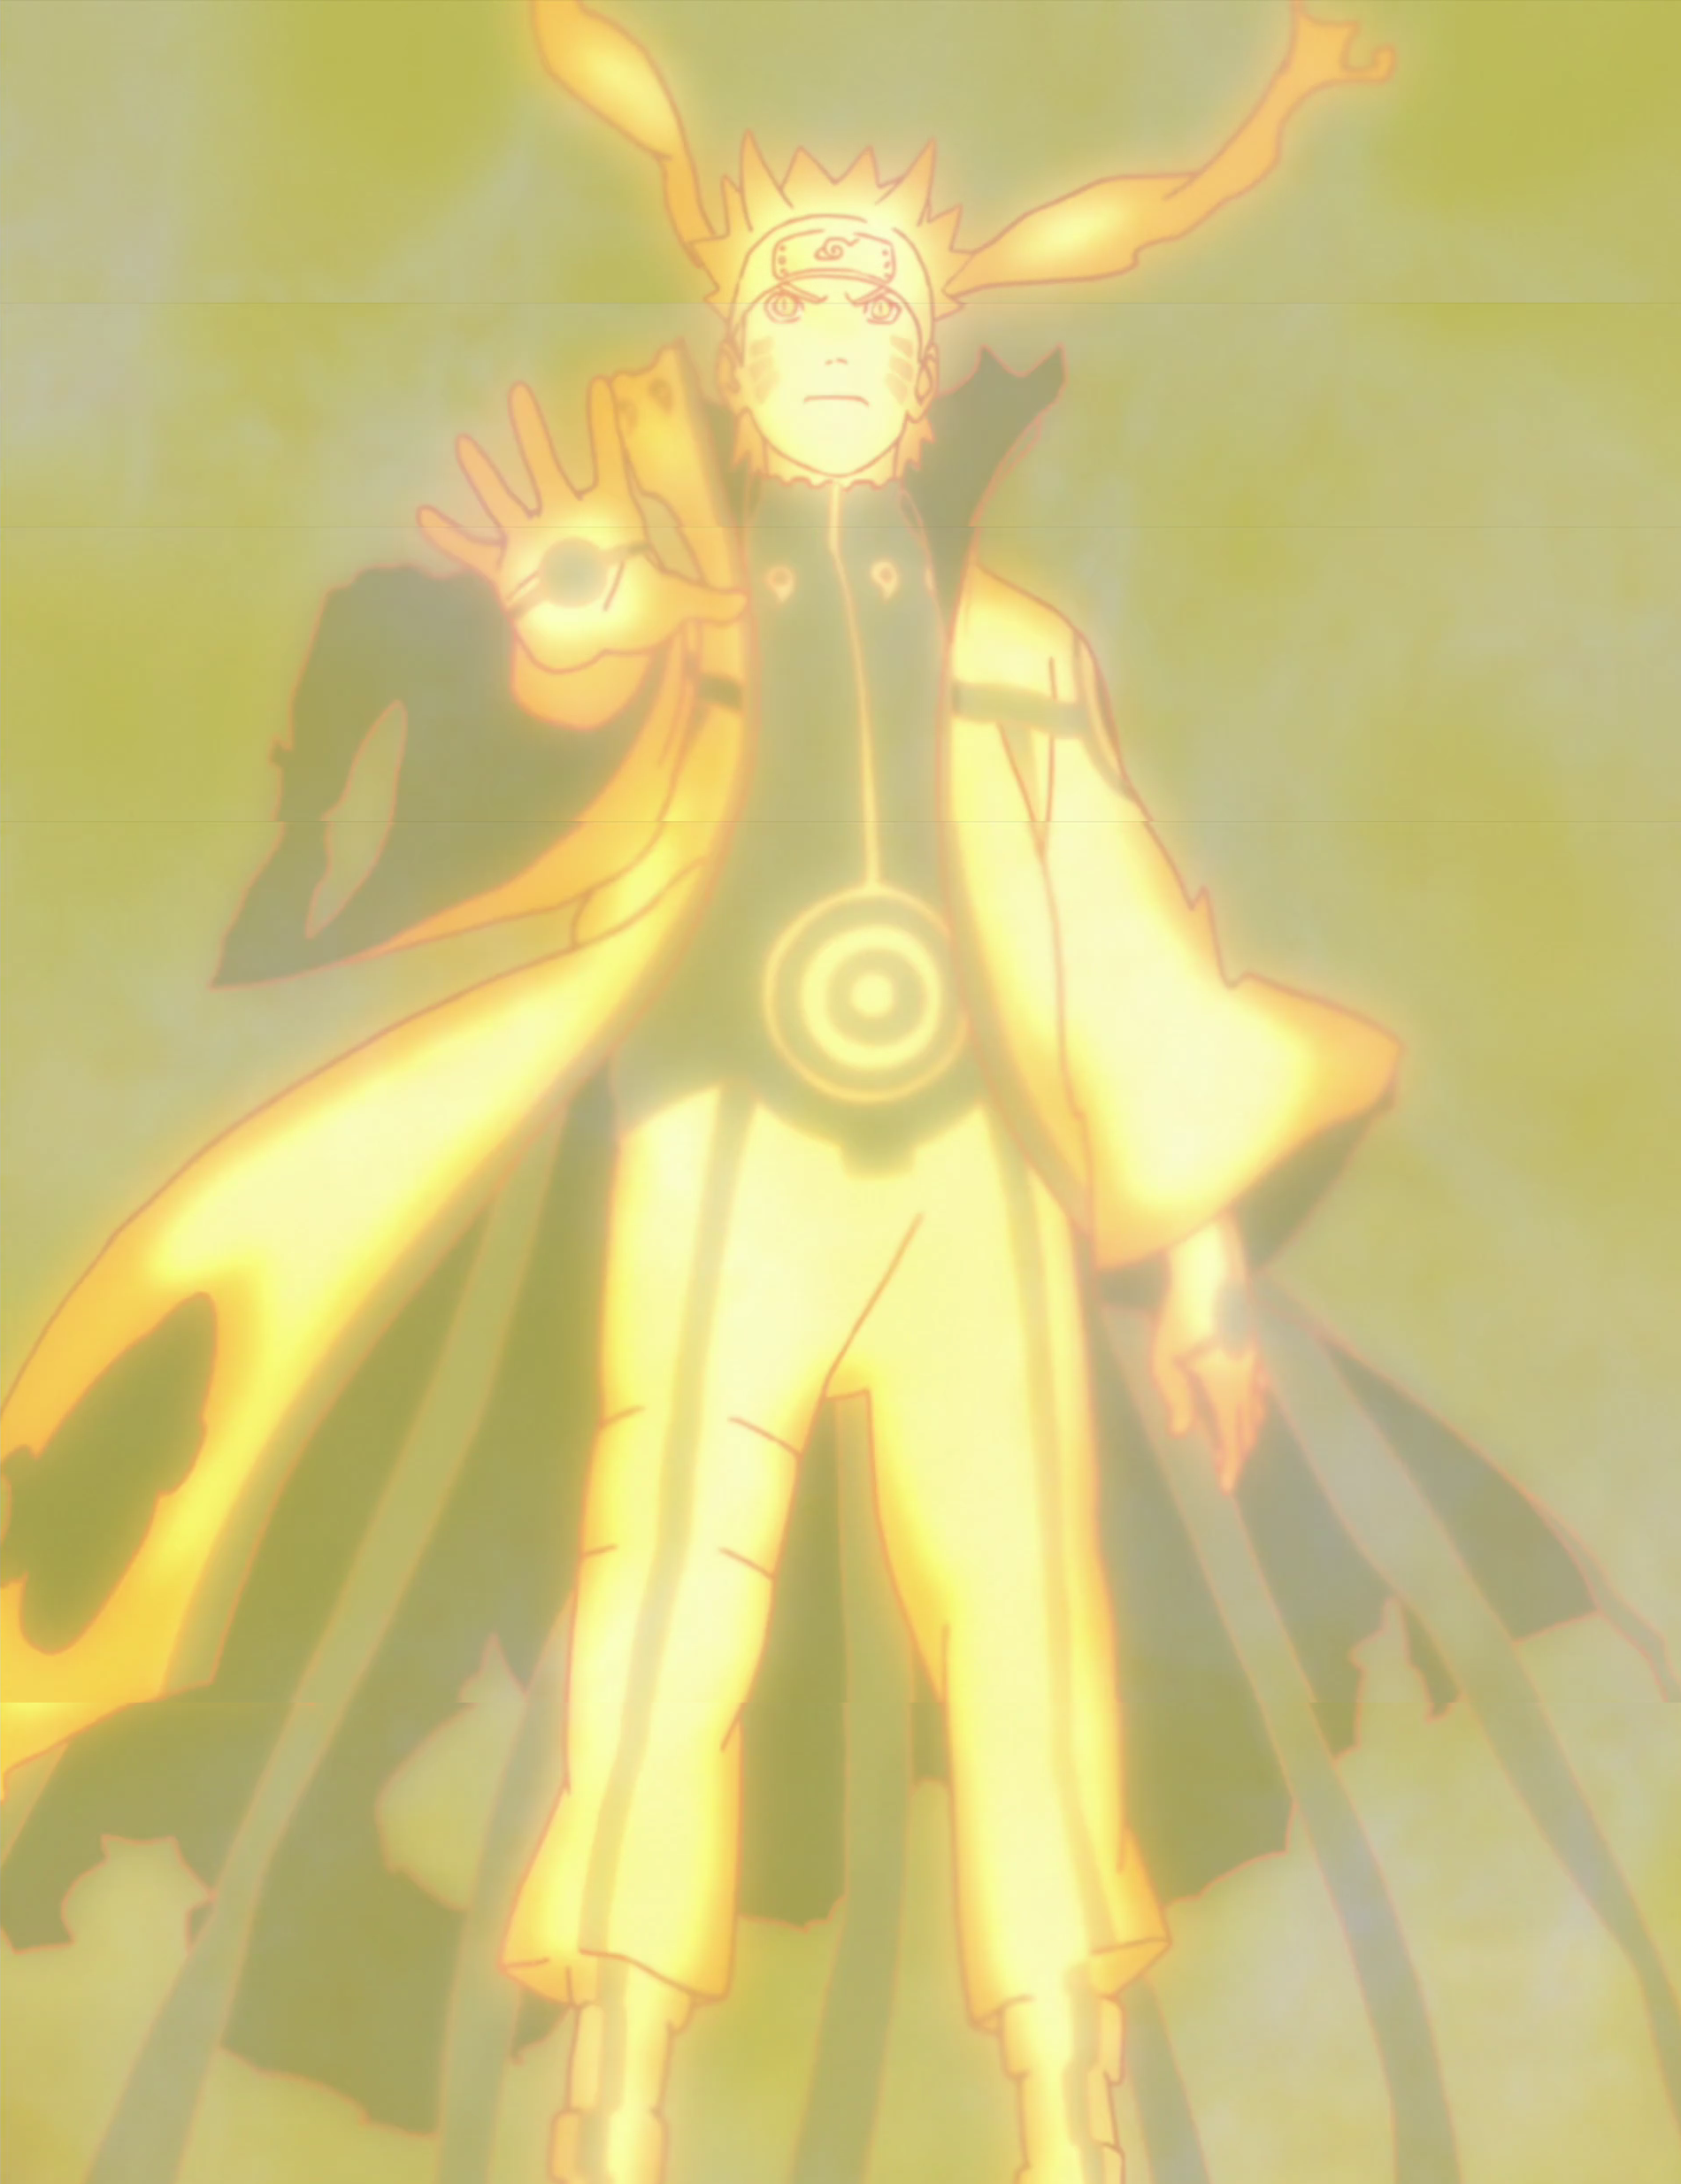 Naruto Manga Thread (OT) - The End is here | NeoGAF